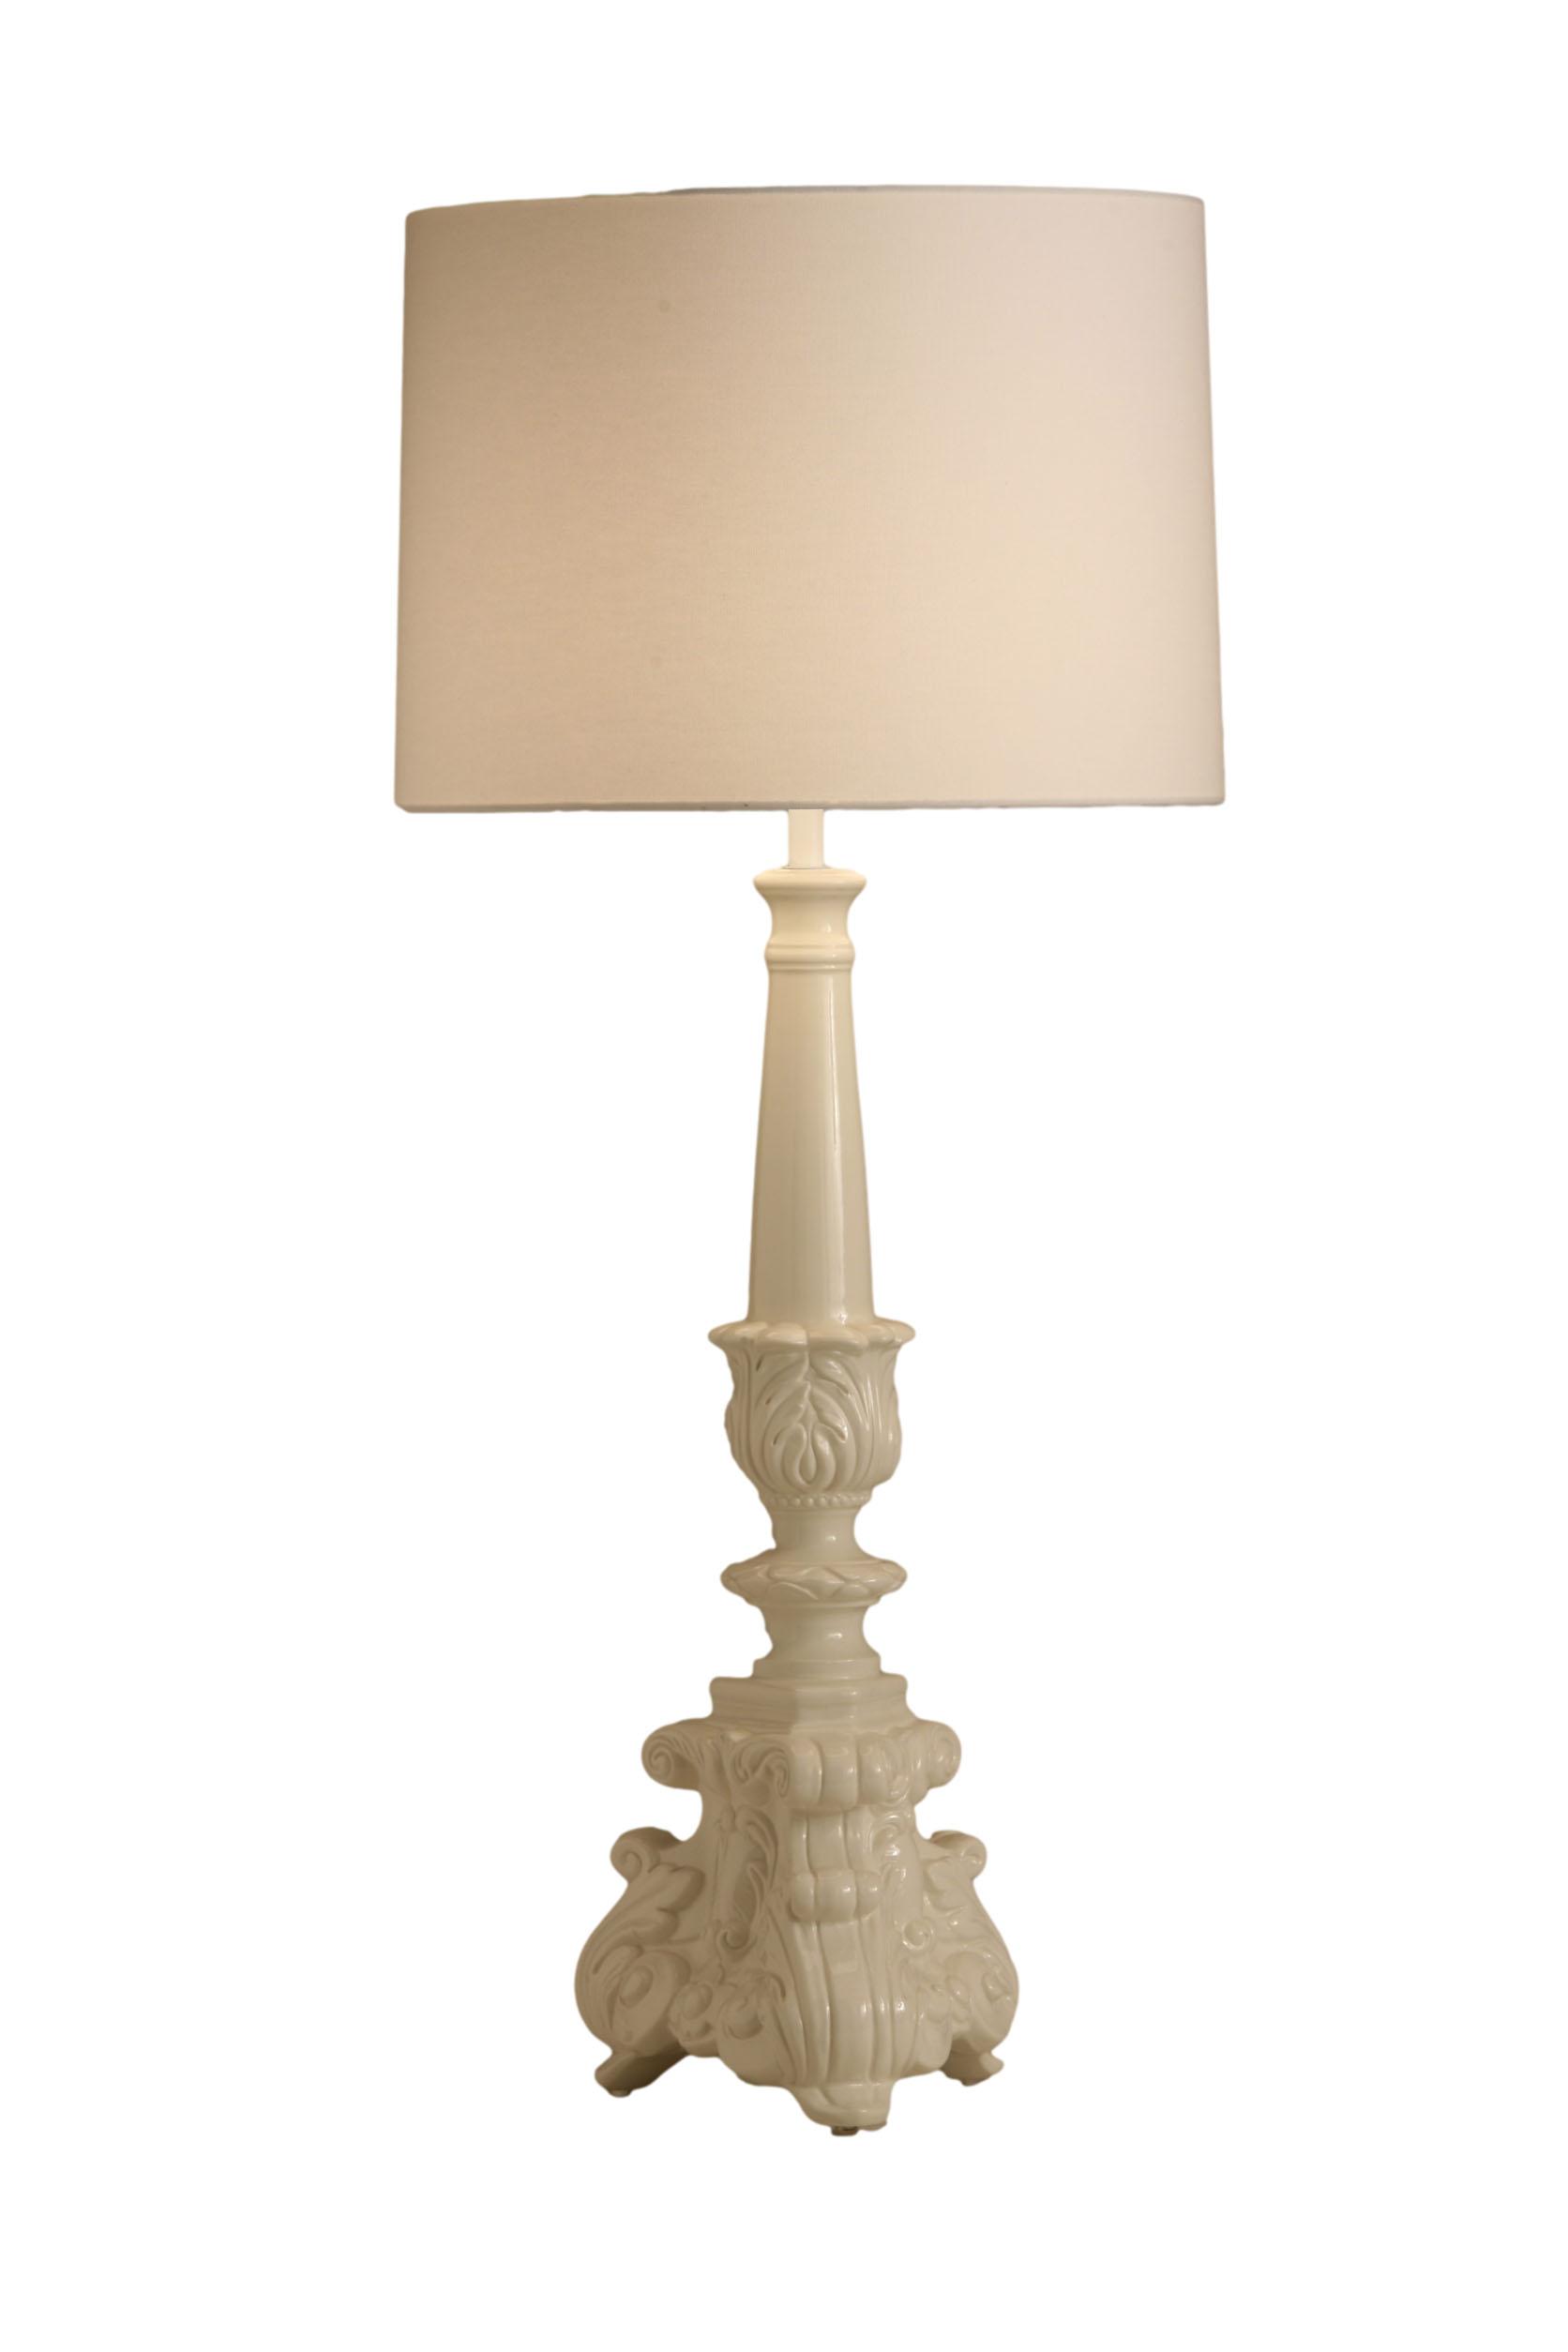 Stout Verlichting Collectie Sfeerfoto Tafellamp Barok (138-212)